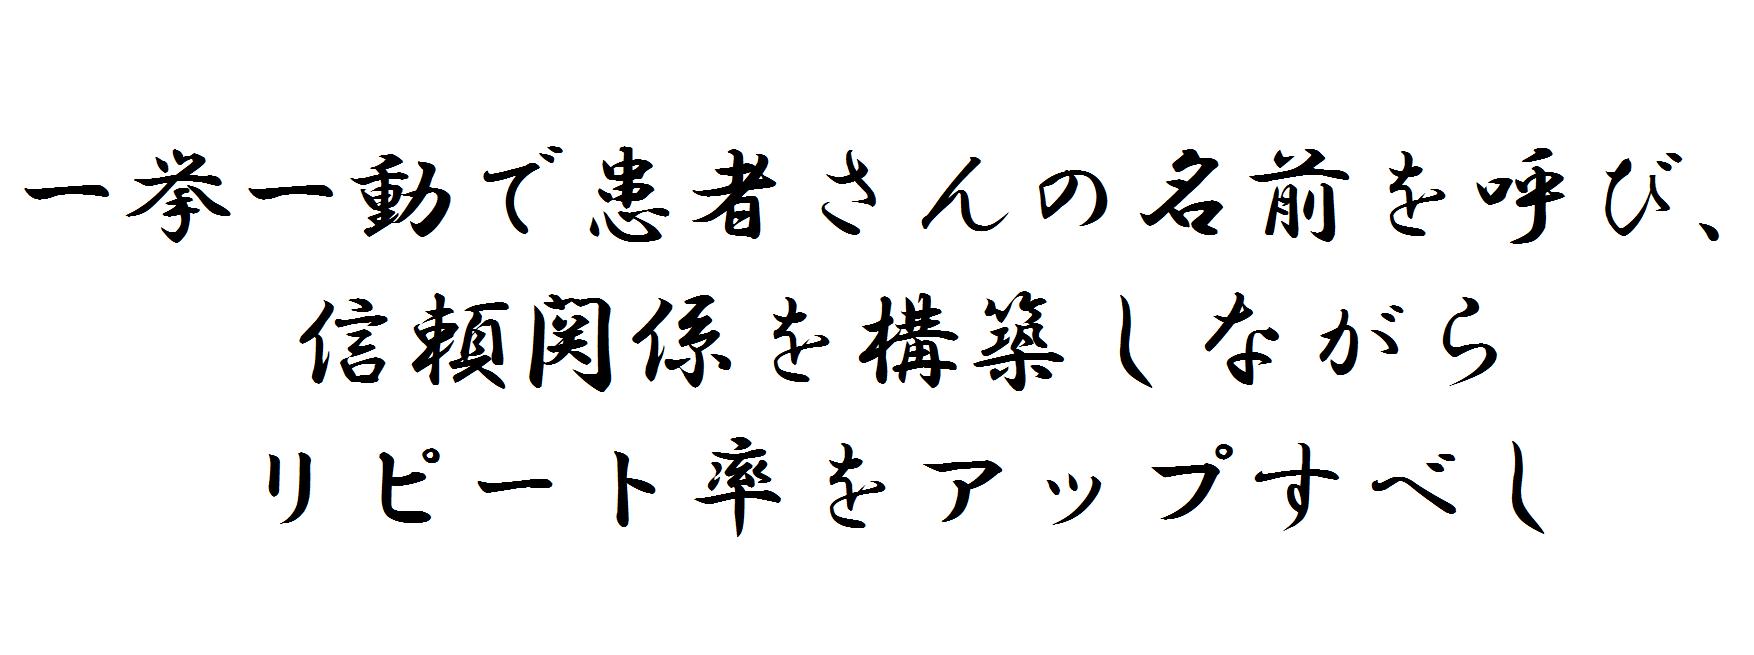 20160713_kakugen